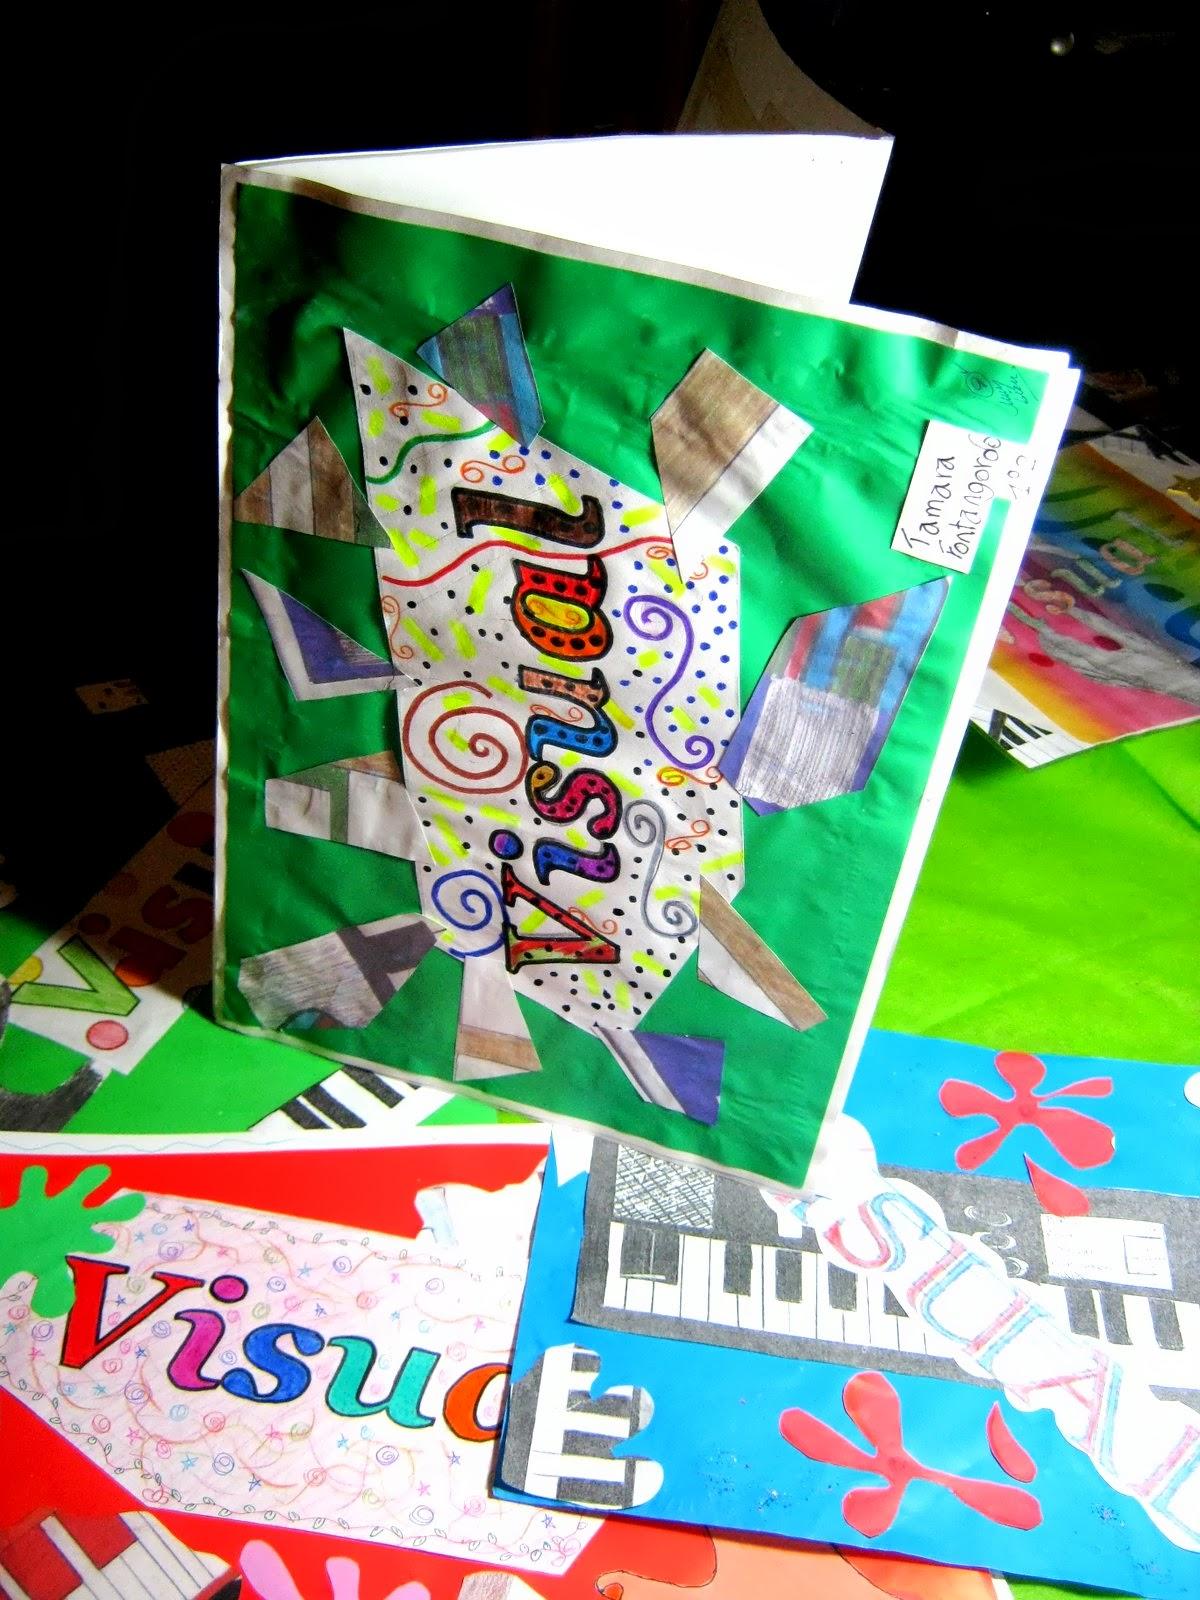 Imagenes de caratulas de artes plasticas y visuales imagui for Caratulas de artes plasticas para secundaria